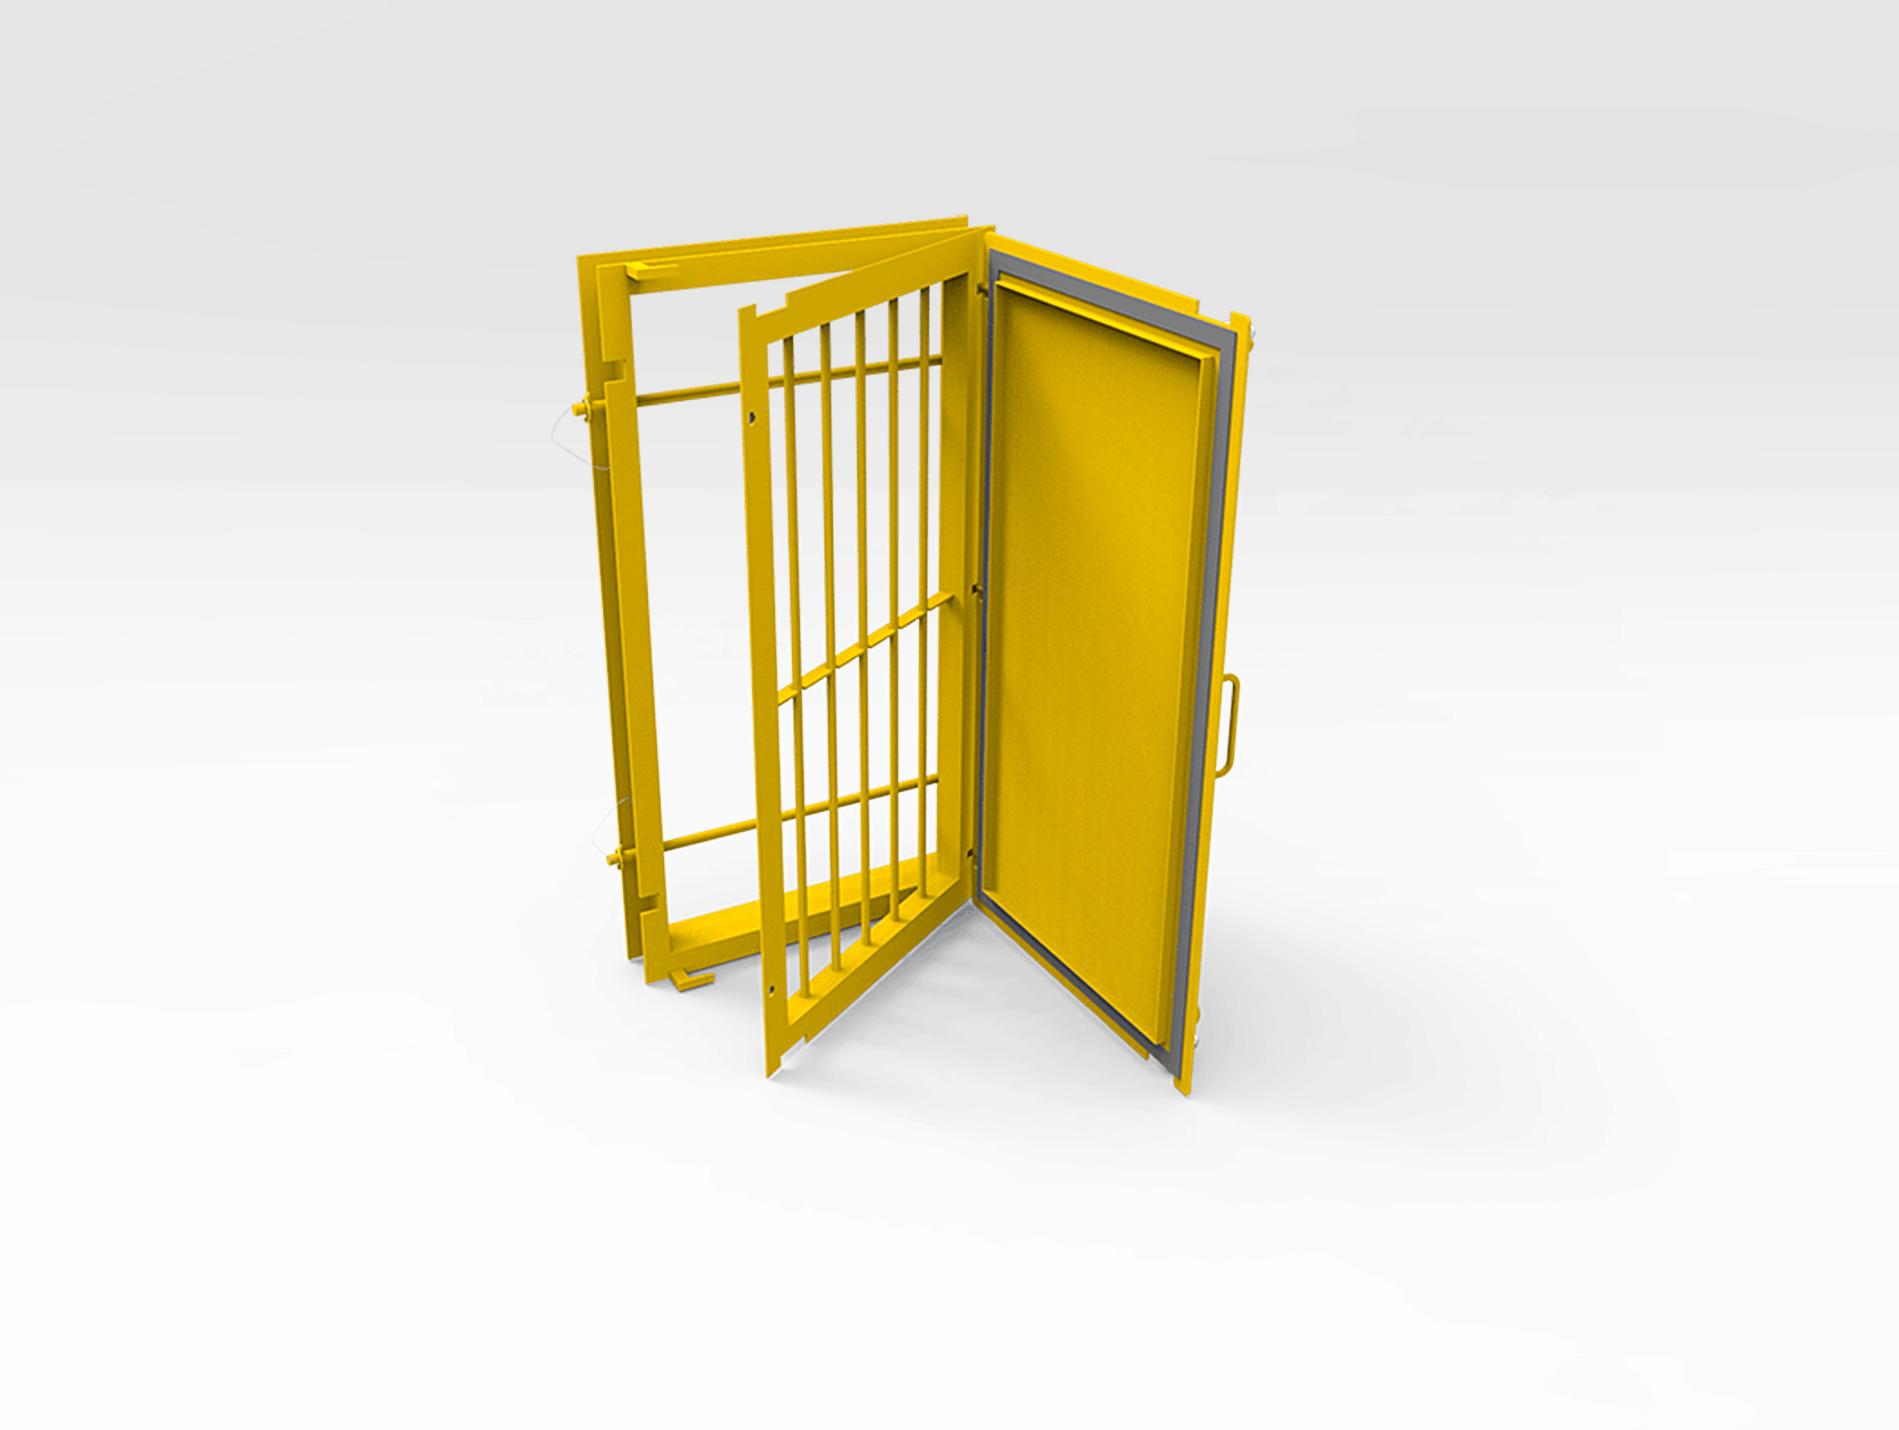 Jail Bar Door 1200mm ...  sc 1 st  Bend Tech Group & Jail Bar Door 1200mm x 600mm - Bend Tech Group